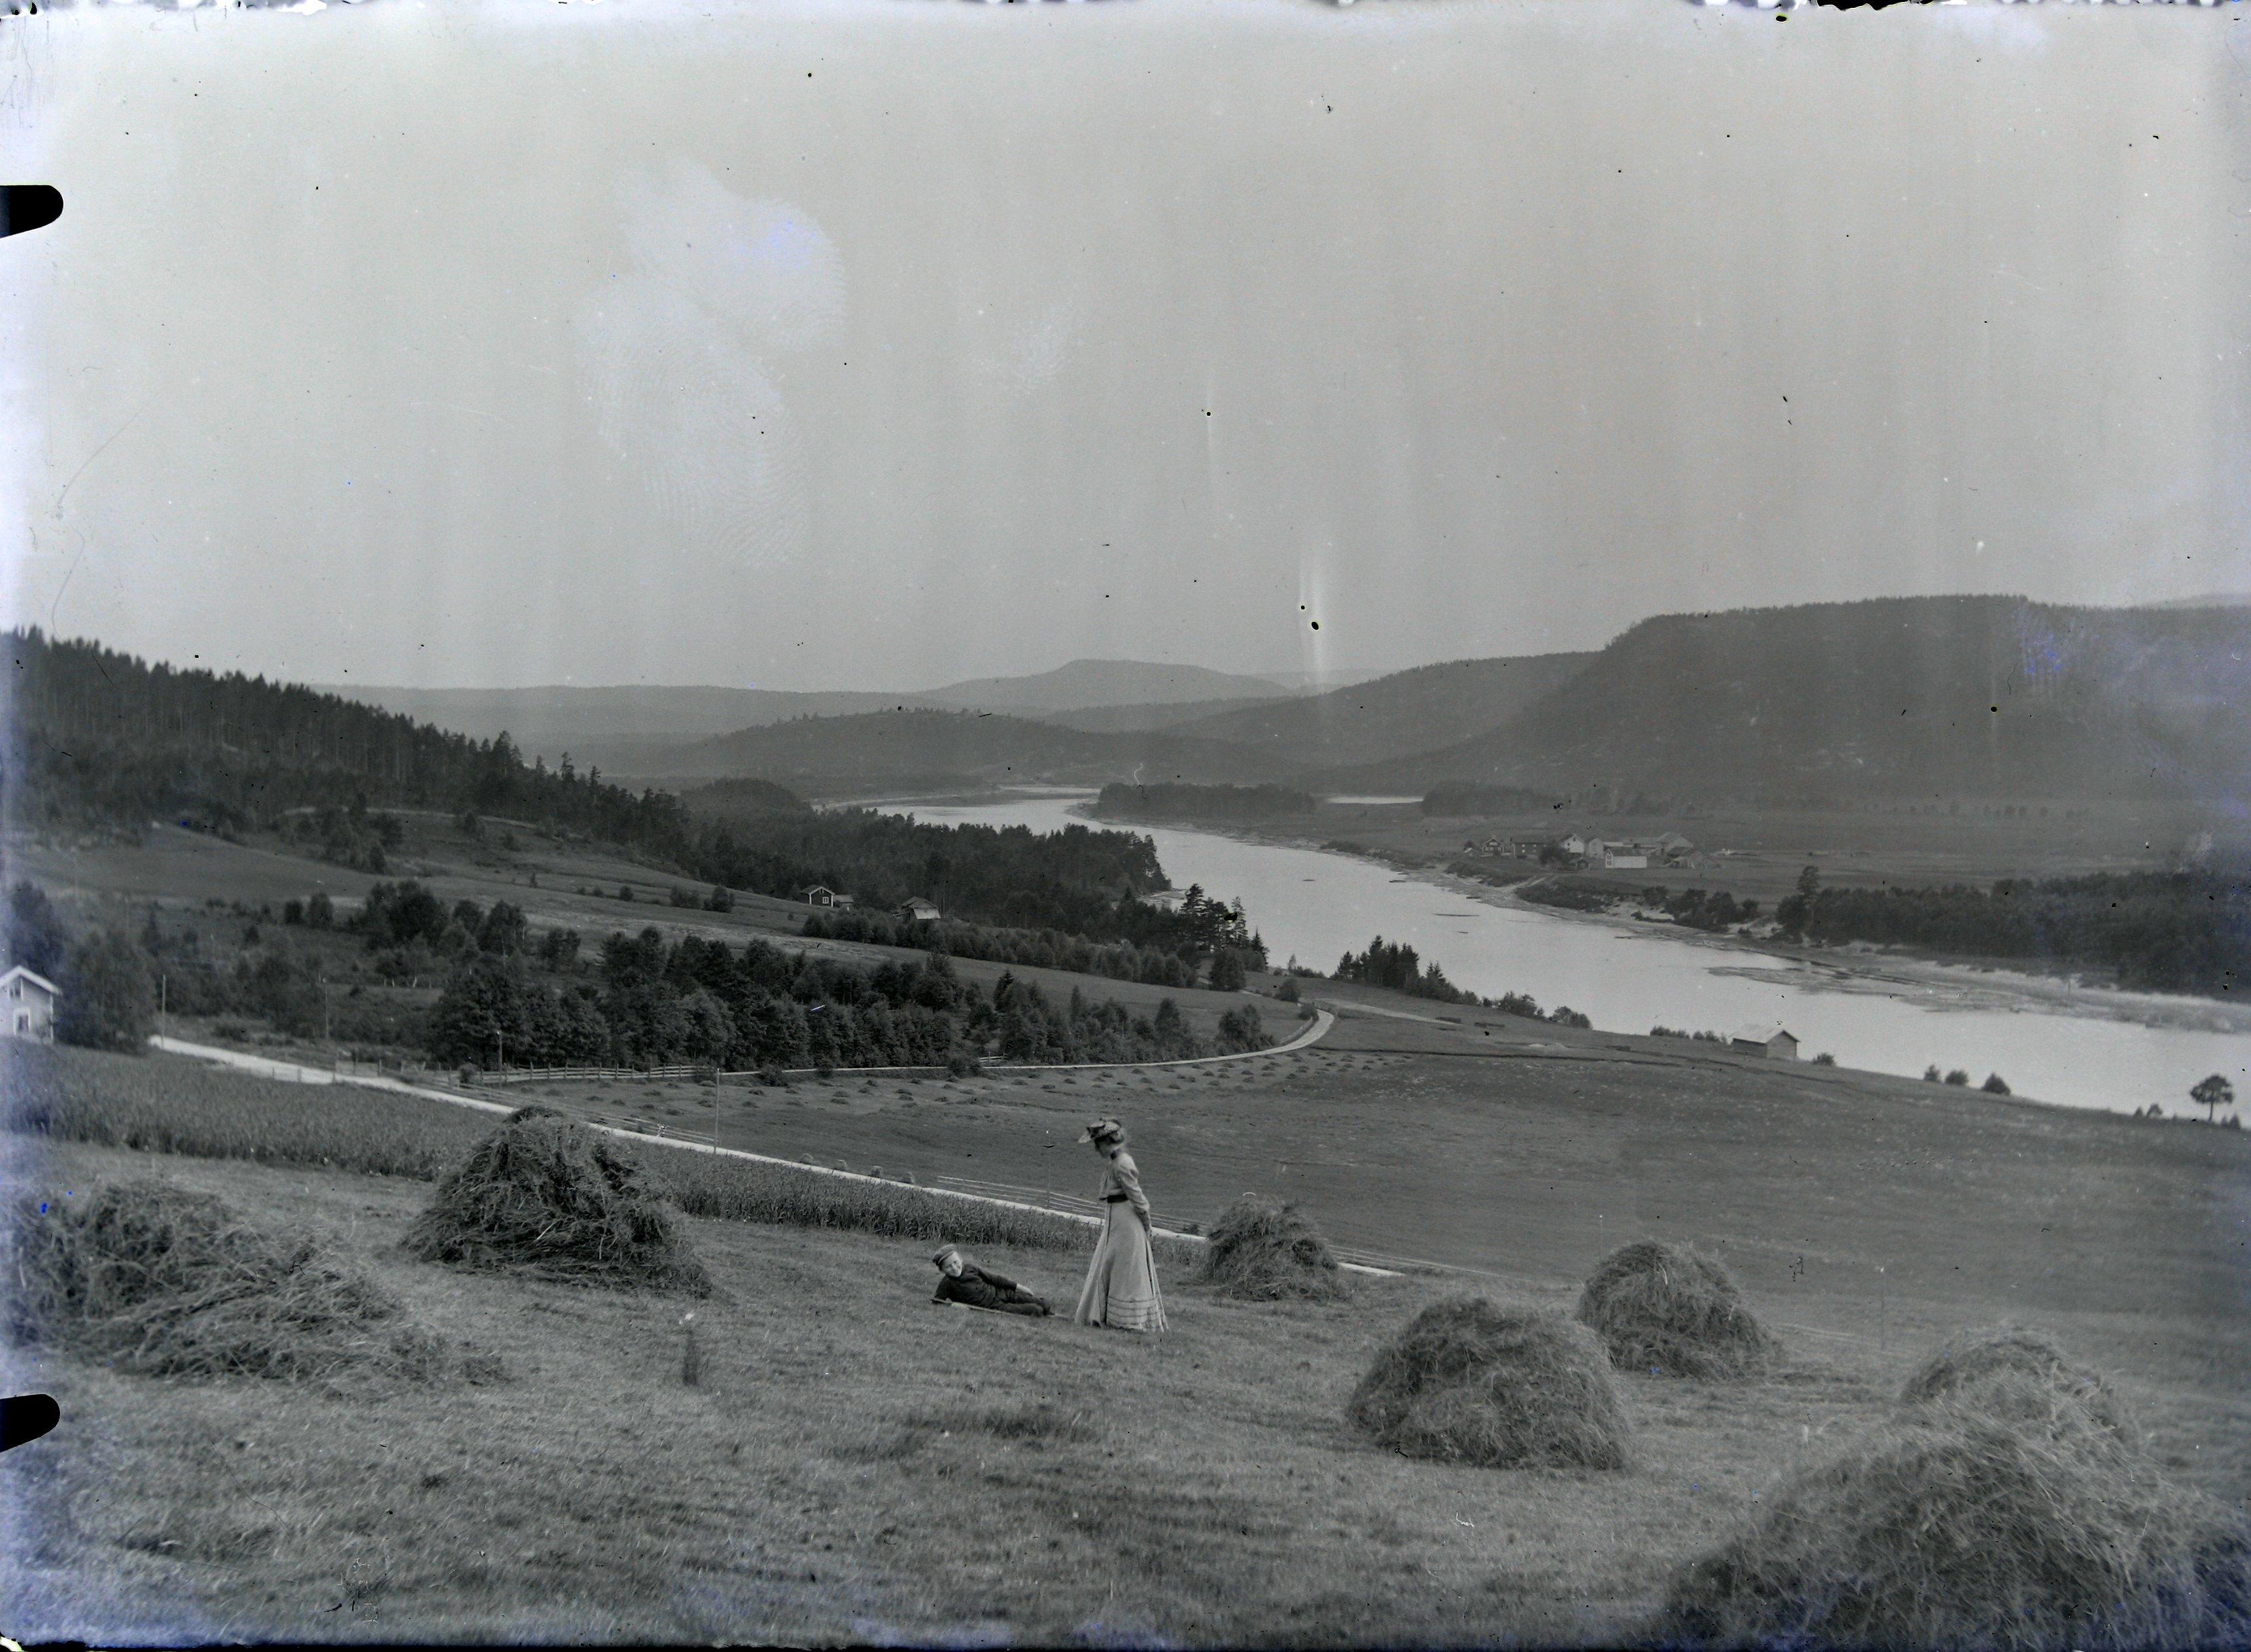 Udsyn fra Rislandsjordene til Gaarden Engenes paa Vestsiden af Nidelven.